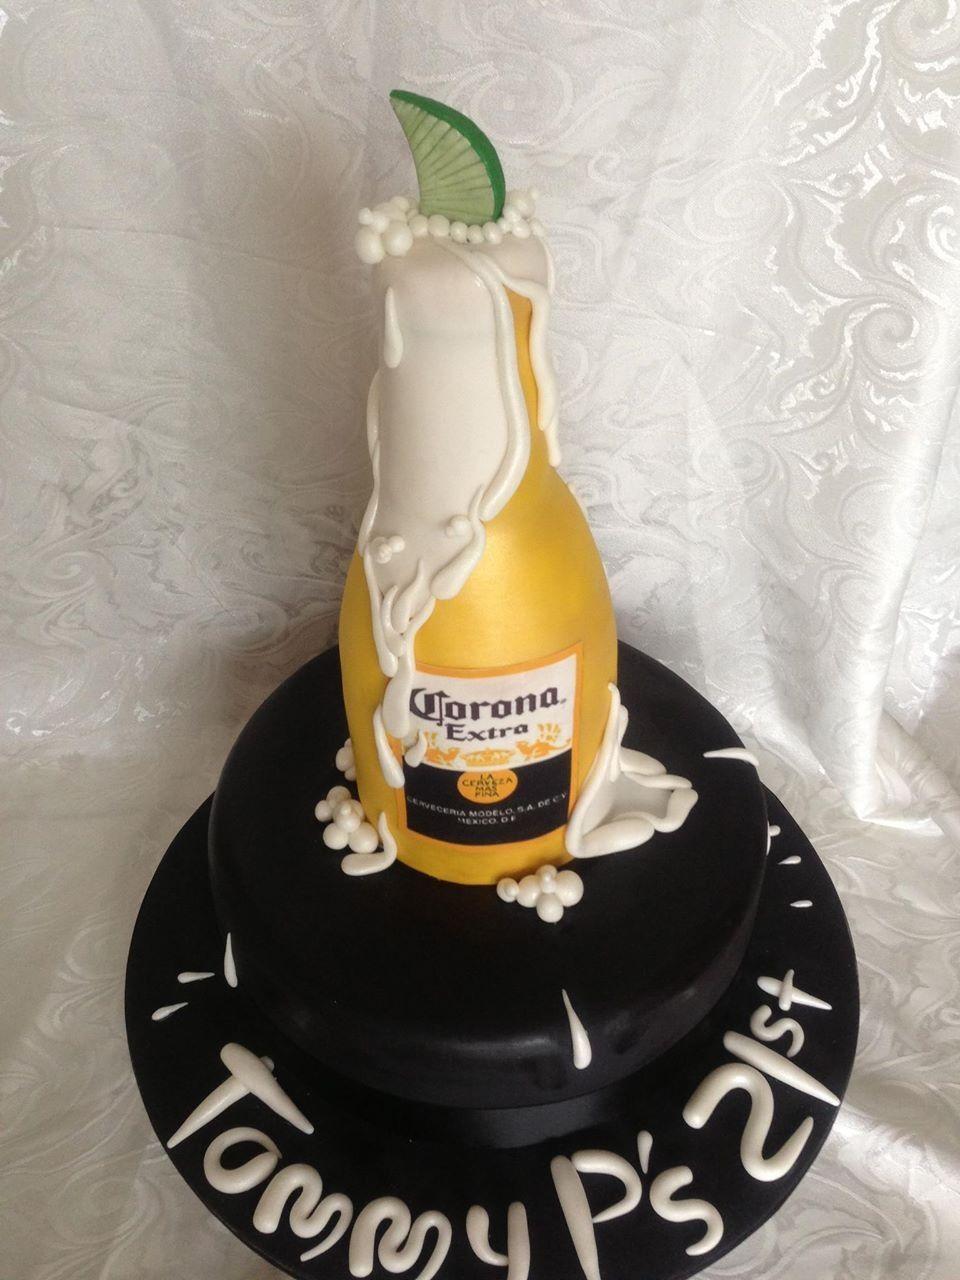 Corona Beer Bottle Cake Cake By Kylie Www Cakebykylie Com Au Www